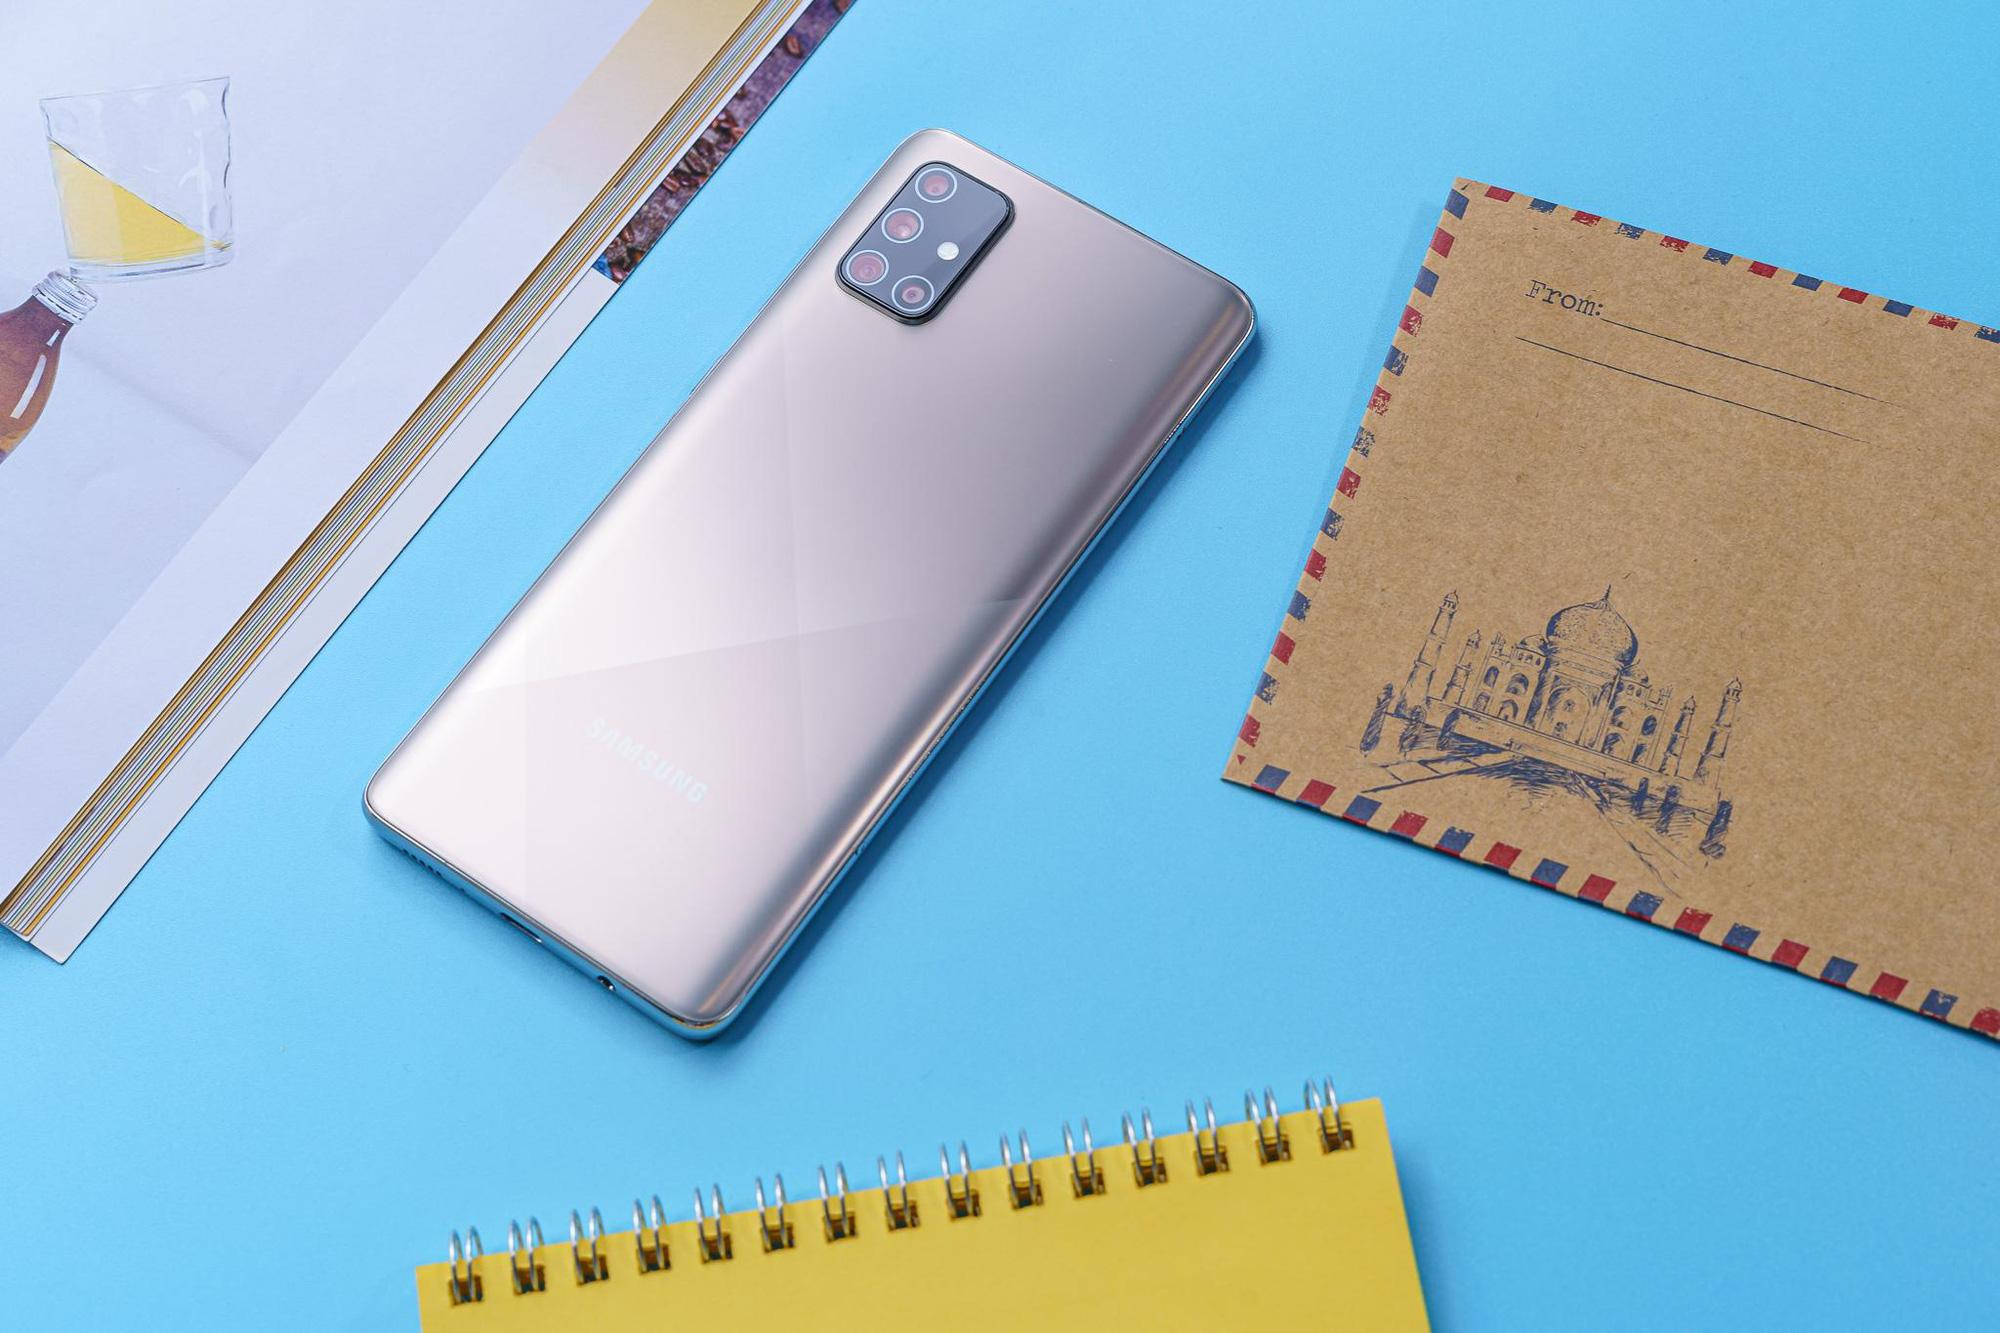 Trọn bộ bí kíp làm chủ tính năng chụp ảnh bá đạo hàng đầu trên smartphone hiện nay: Công nghệ Chụp Một Chạm - Ảnh 1.